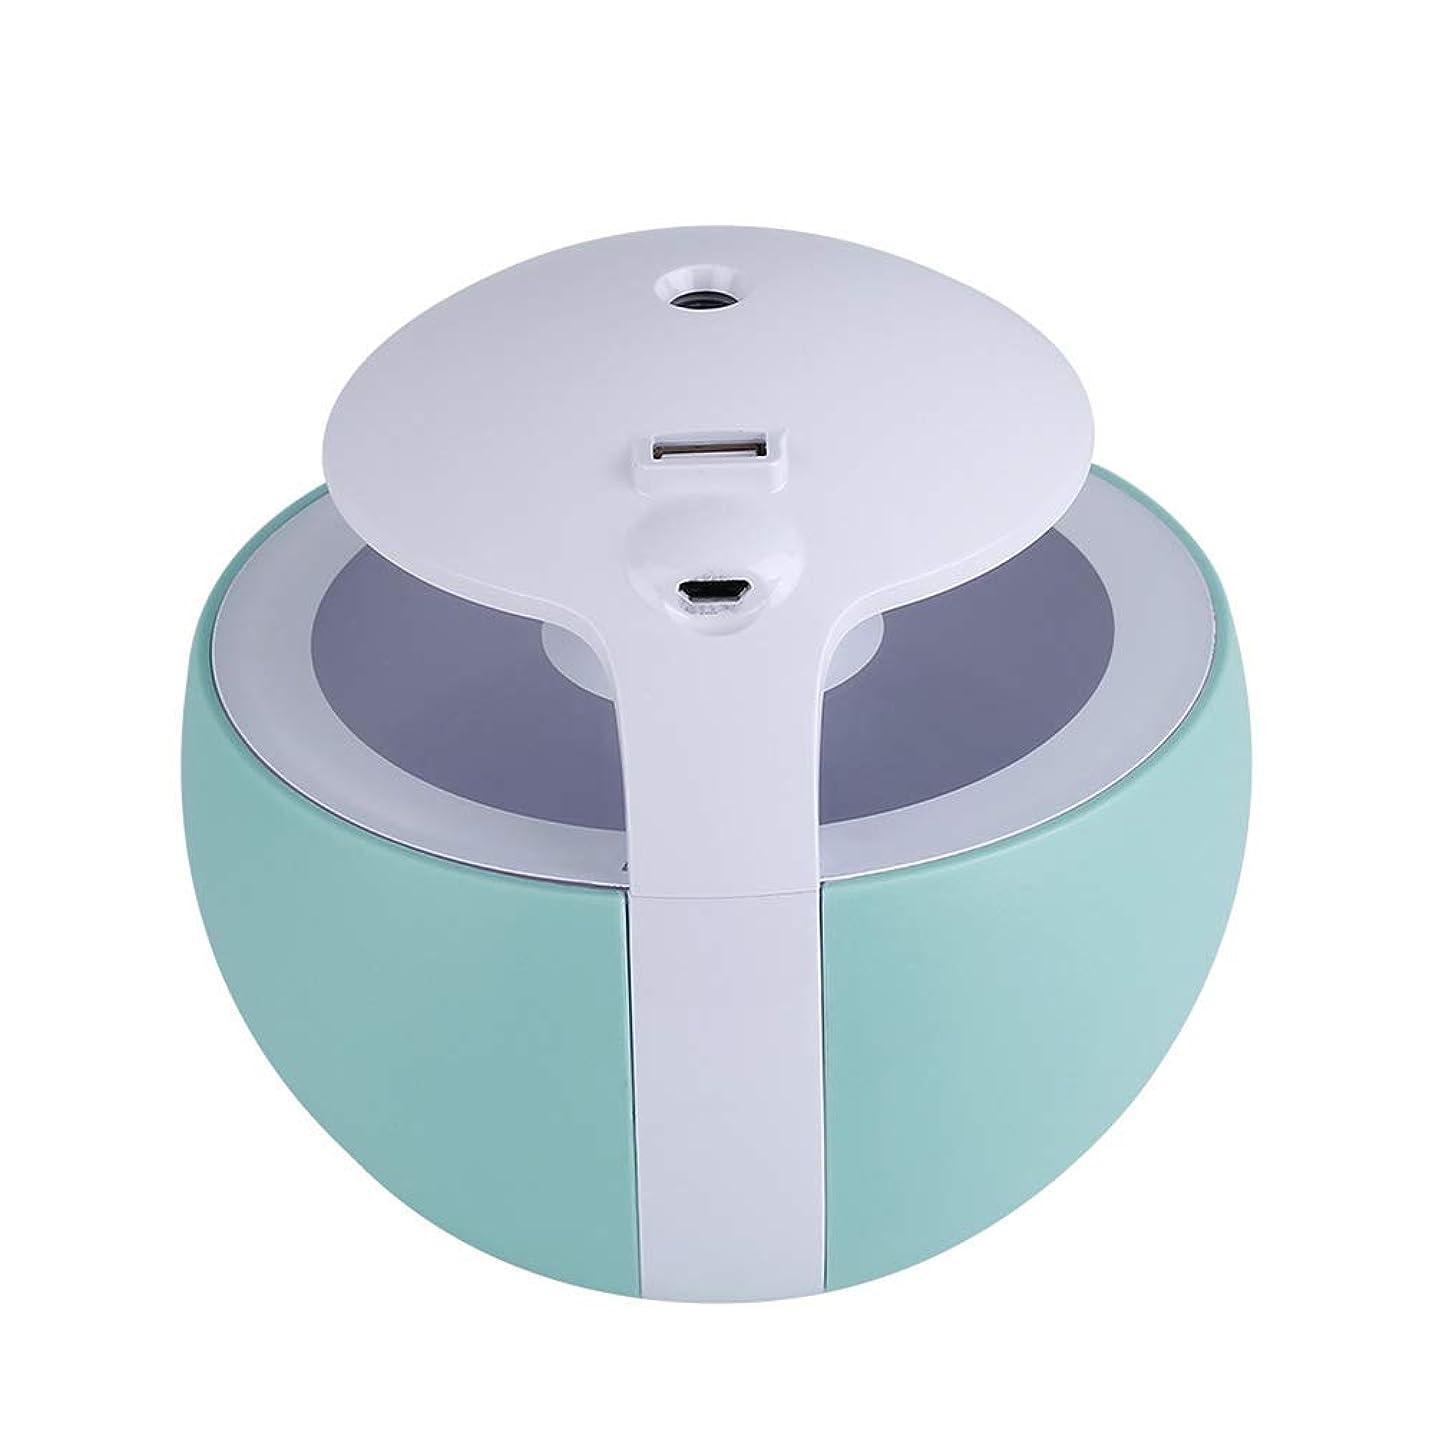 抵抗ヒロイン優れましたナイトエルフ加湿器多機能USB小型ライト小型ファンホームデスクトップエアコンルーム加湿,Blue